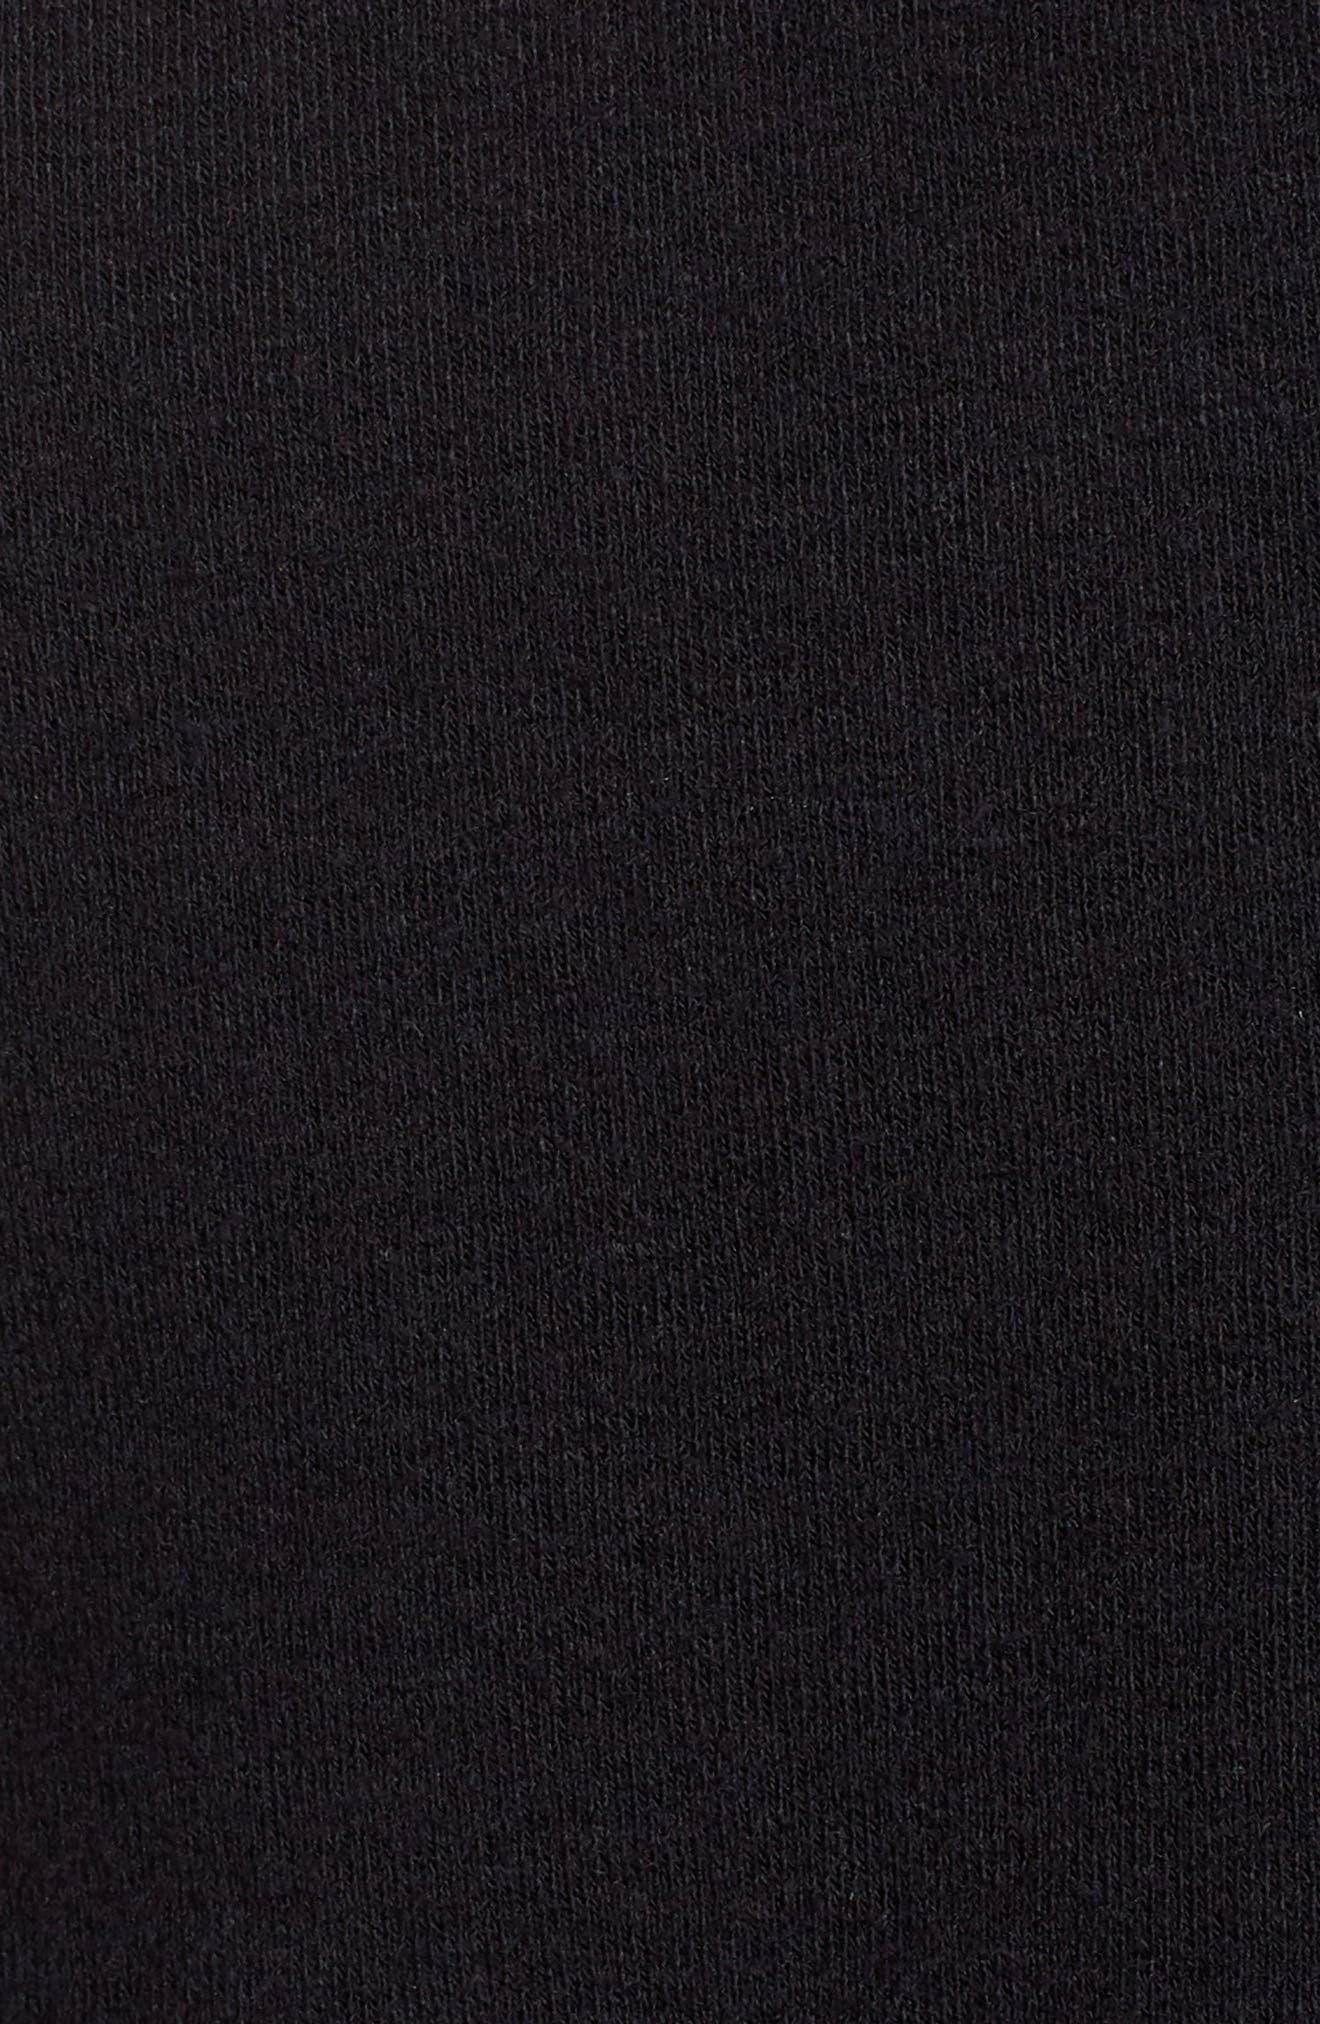 Cotton & Wool Zip Hoodie,                             Alternate thumbnail 5, color,                             001